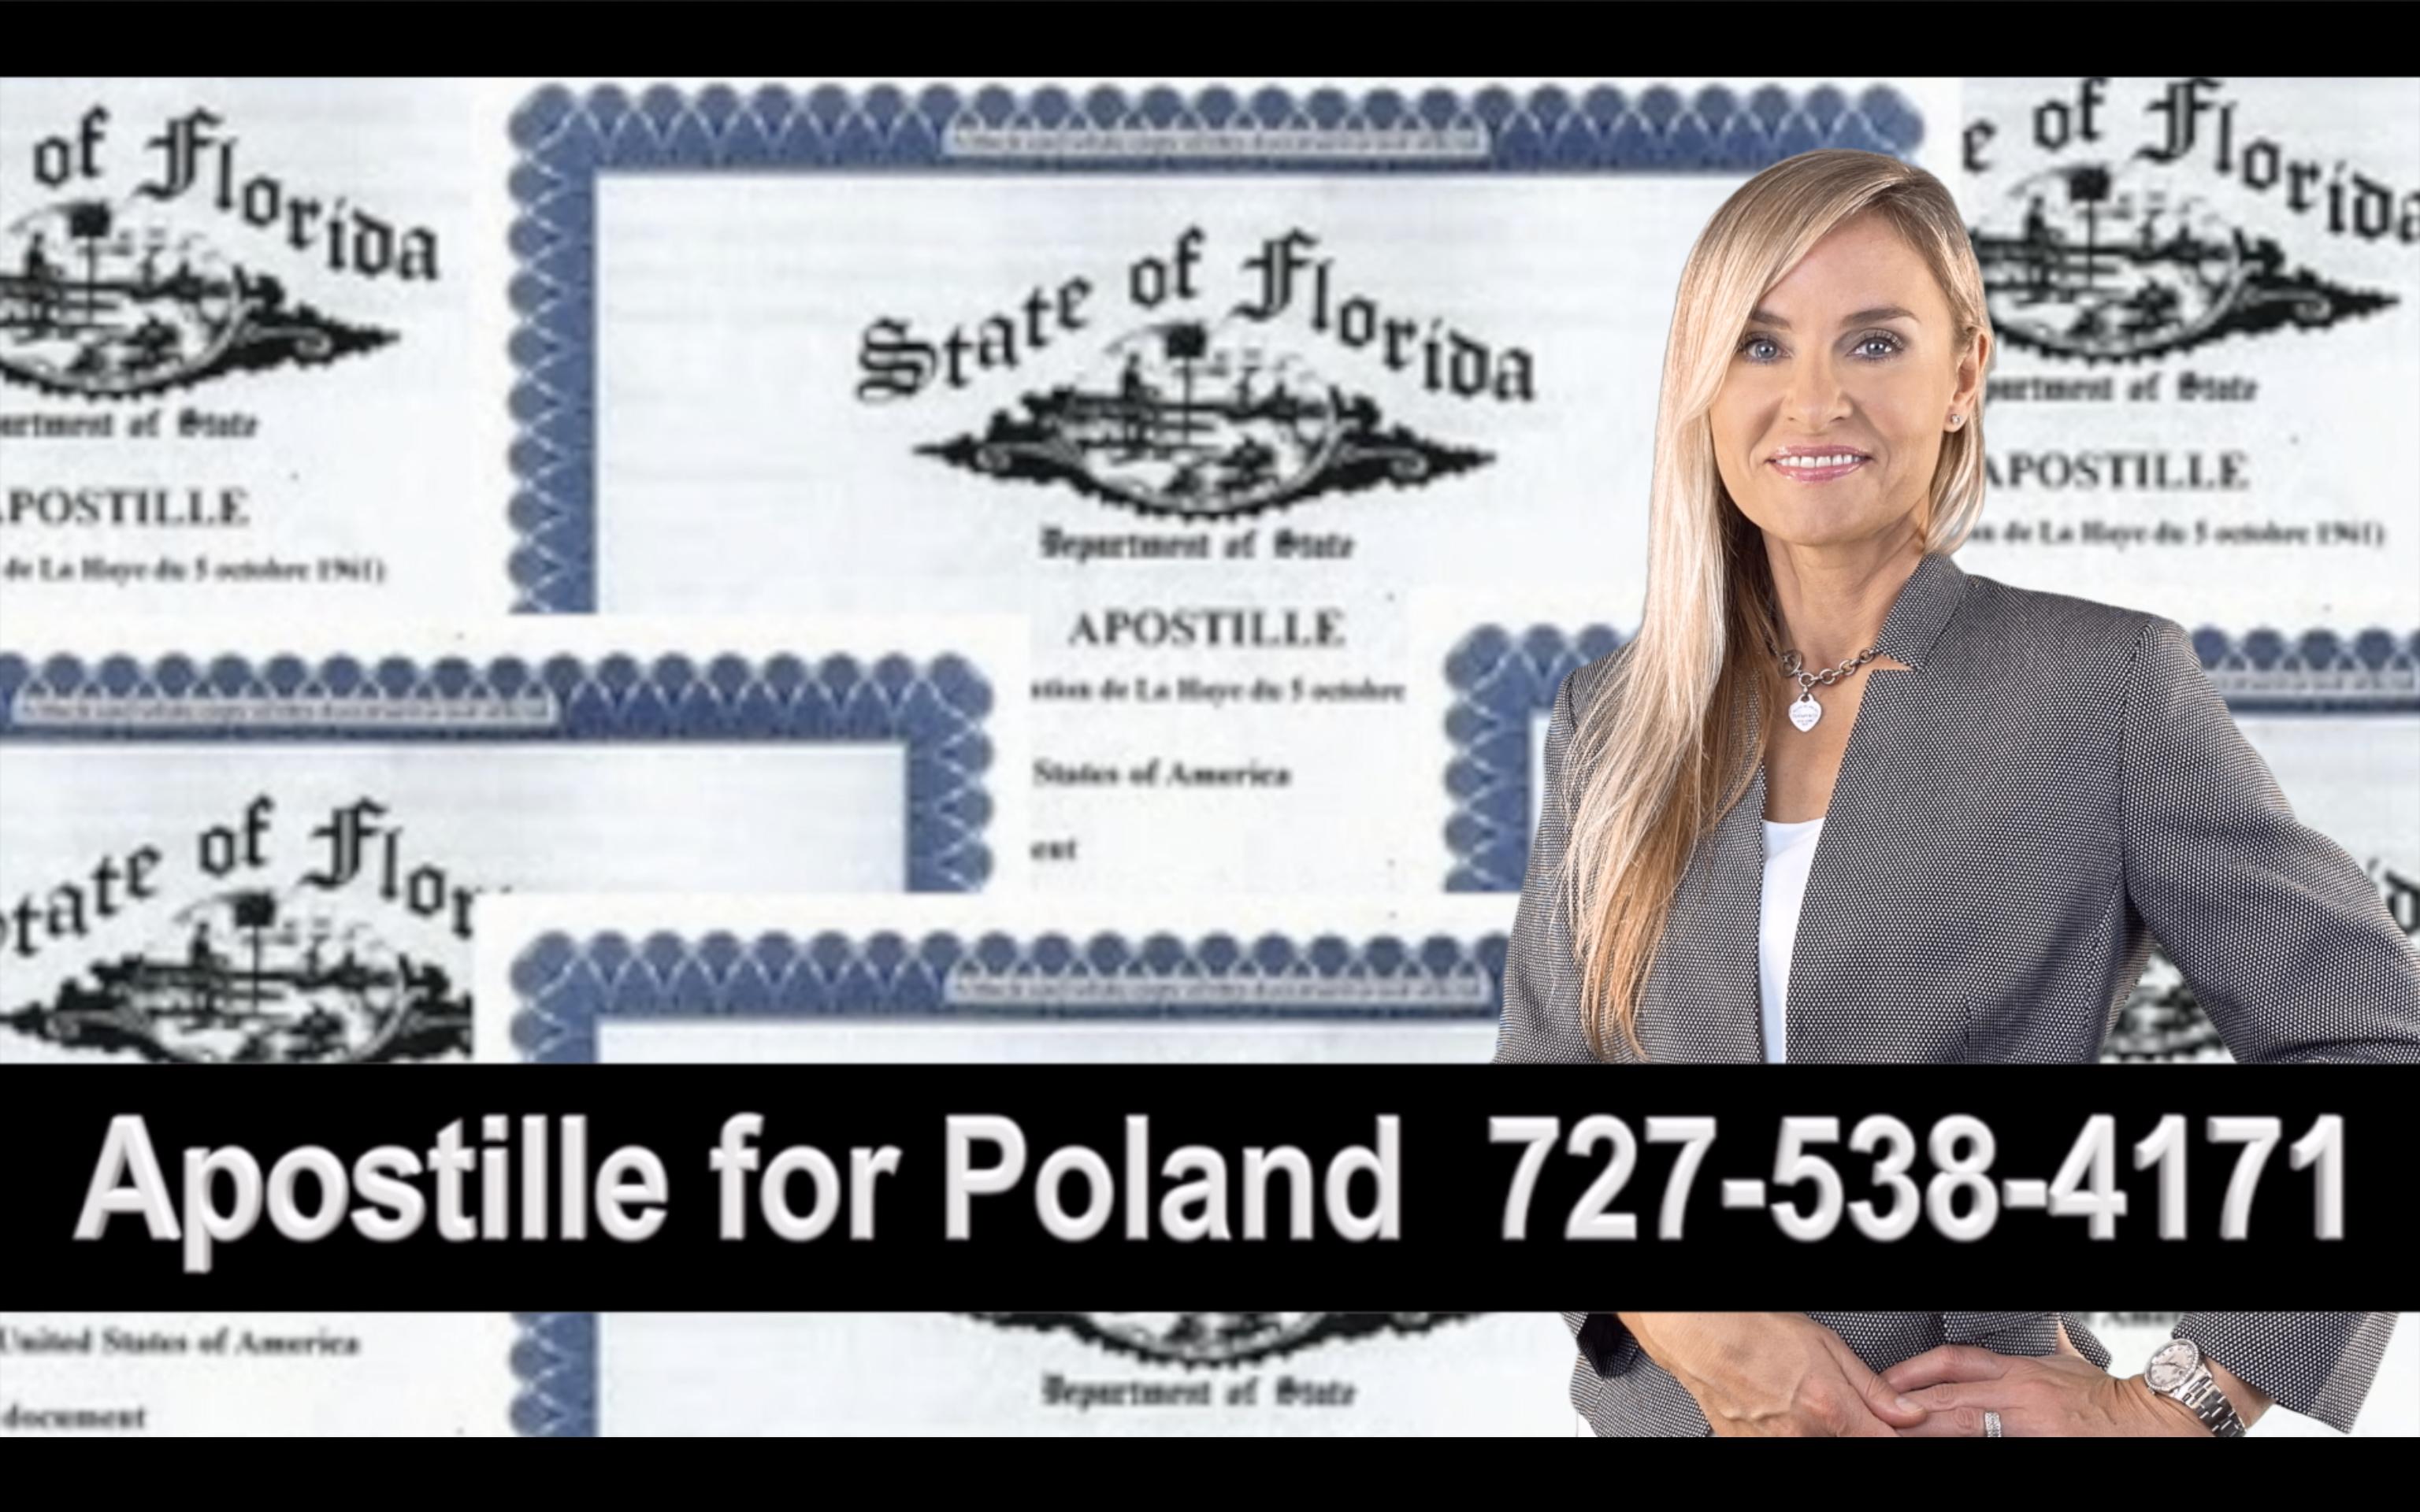 Florida Apostille, Notary, Polish, Polski, Notariusz, Pełnomocnictwo, Power of Attorney, Agnieszka Piasecka, Aga Piasecka